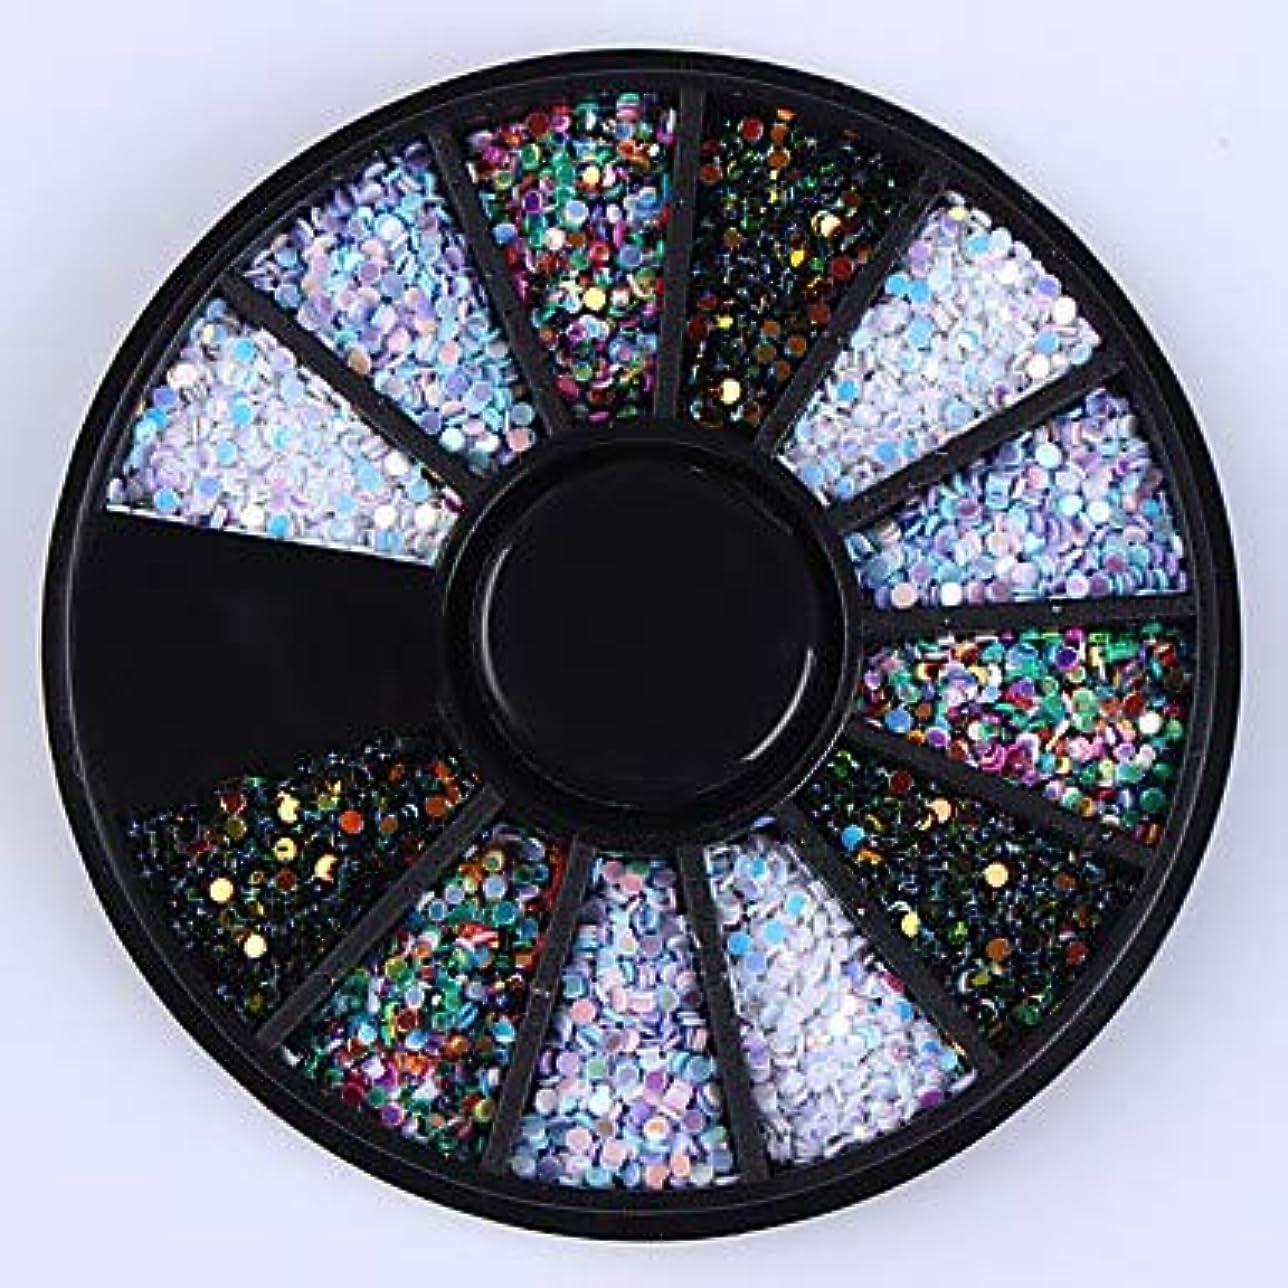 1ミリメートル混合色ネイルアートラインストーン輝くヒント装飾マニキュアホイール